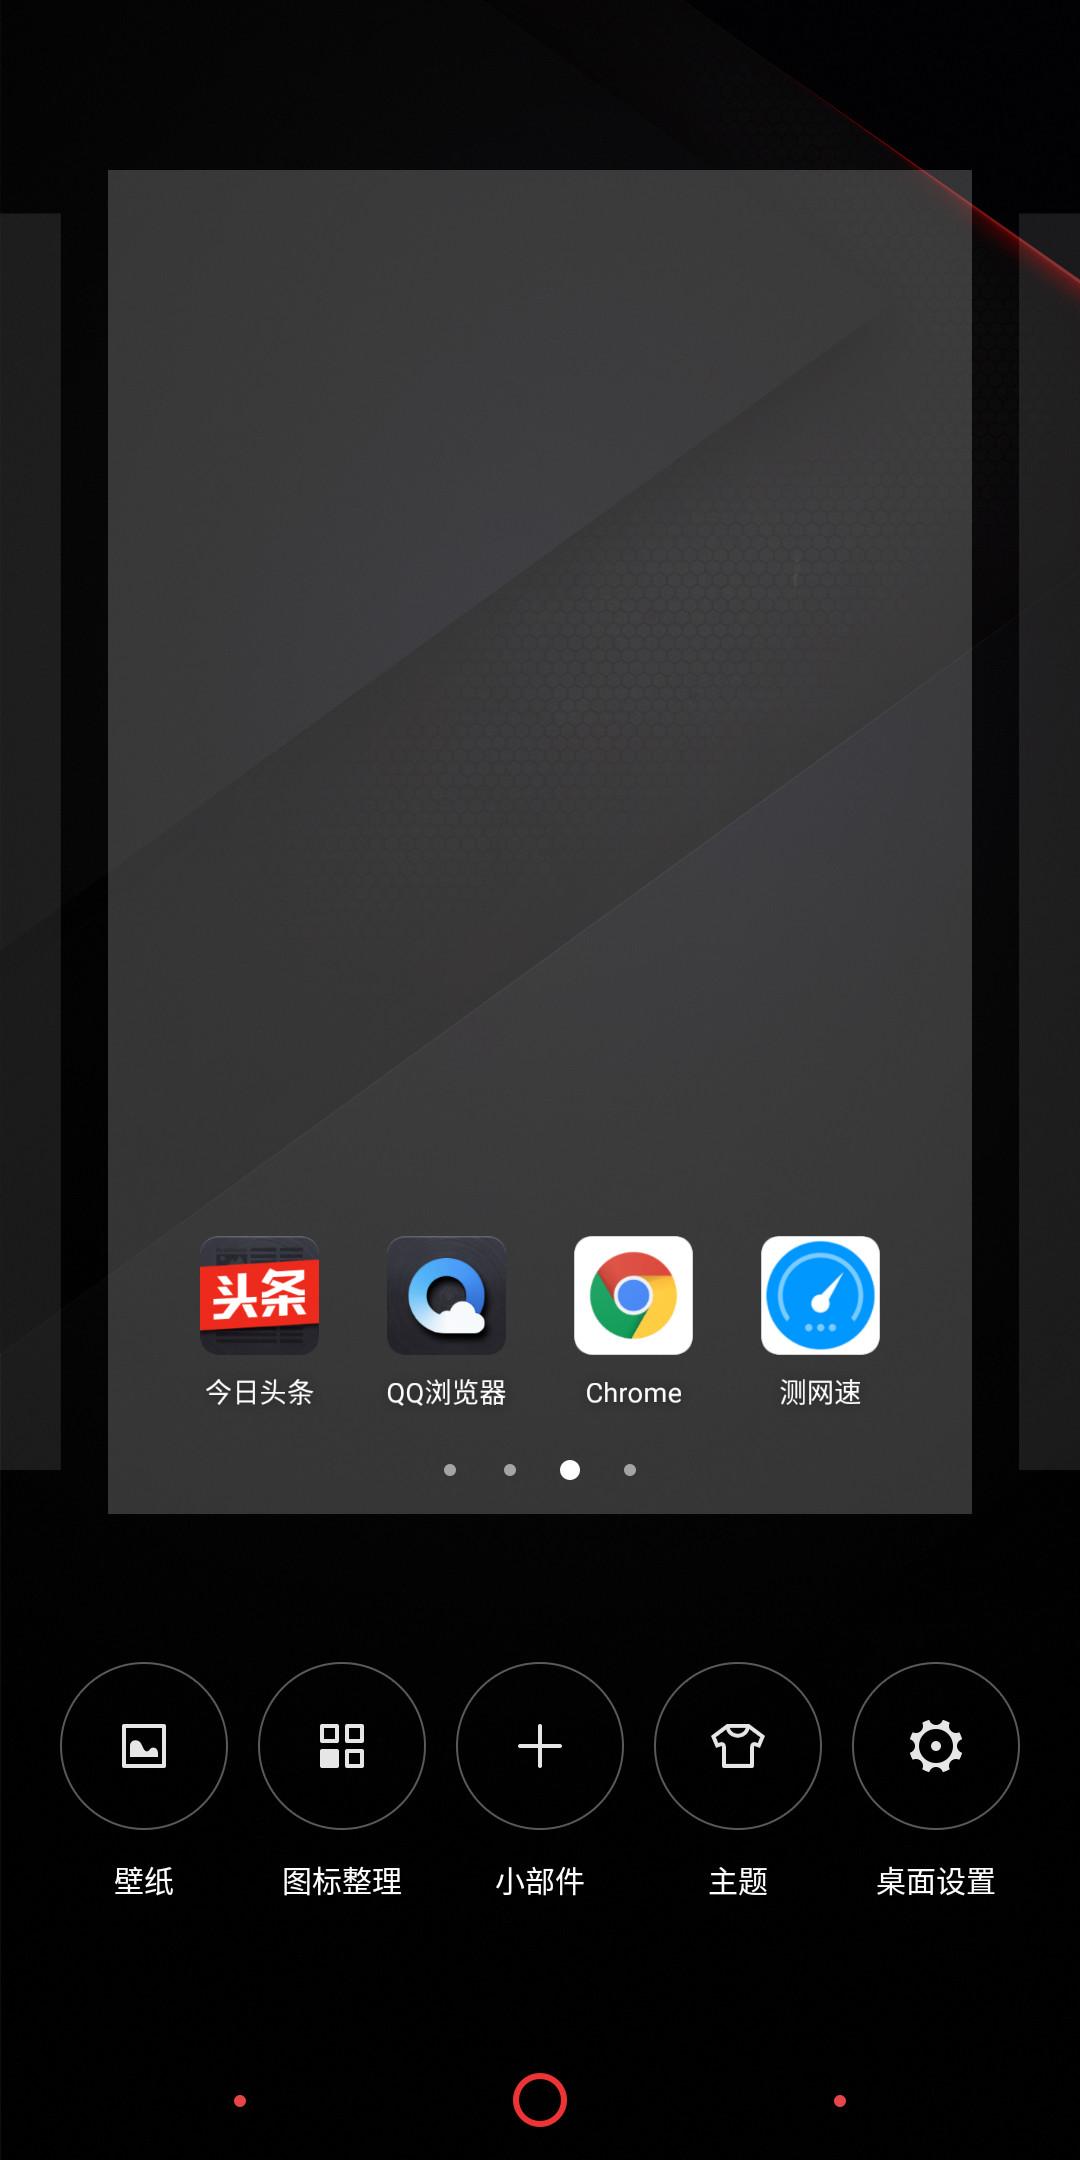 努比亚红魔电竞游戏手机(64GB)手机功能界面第3张